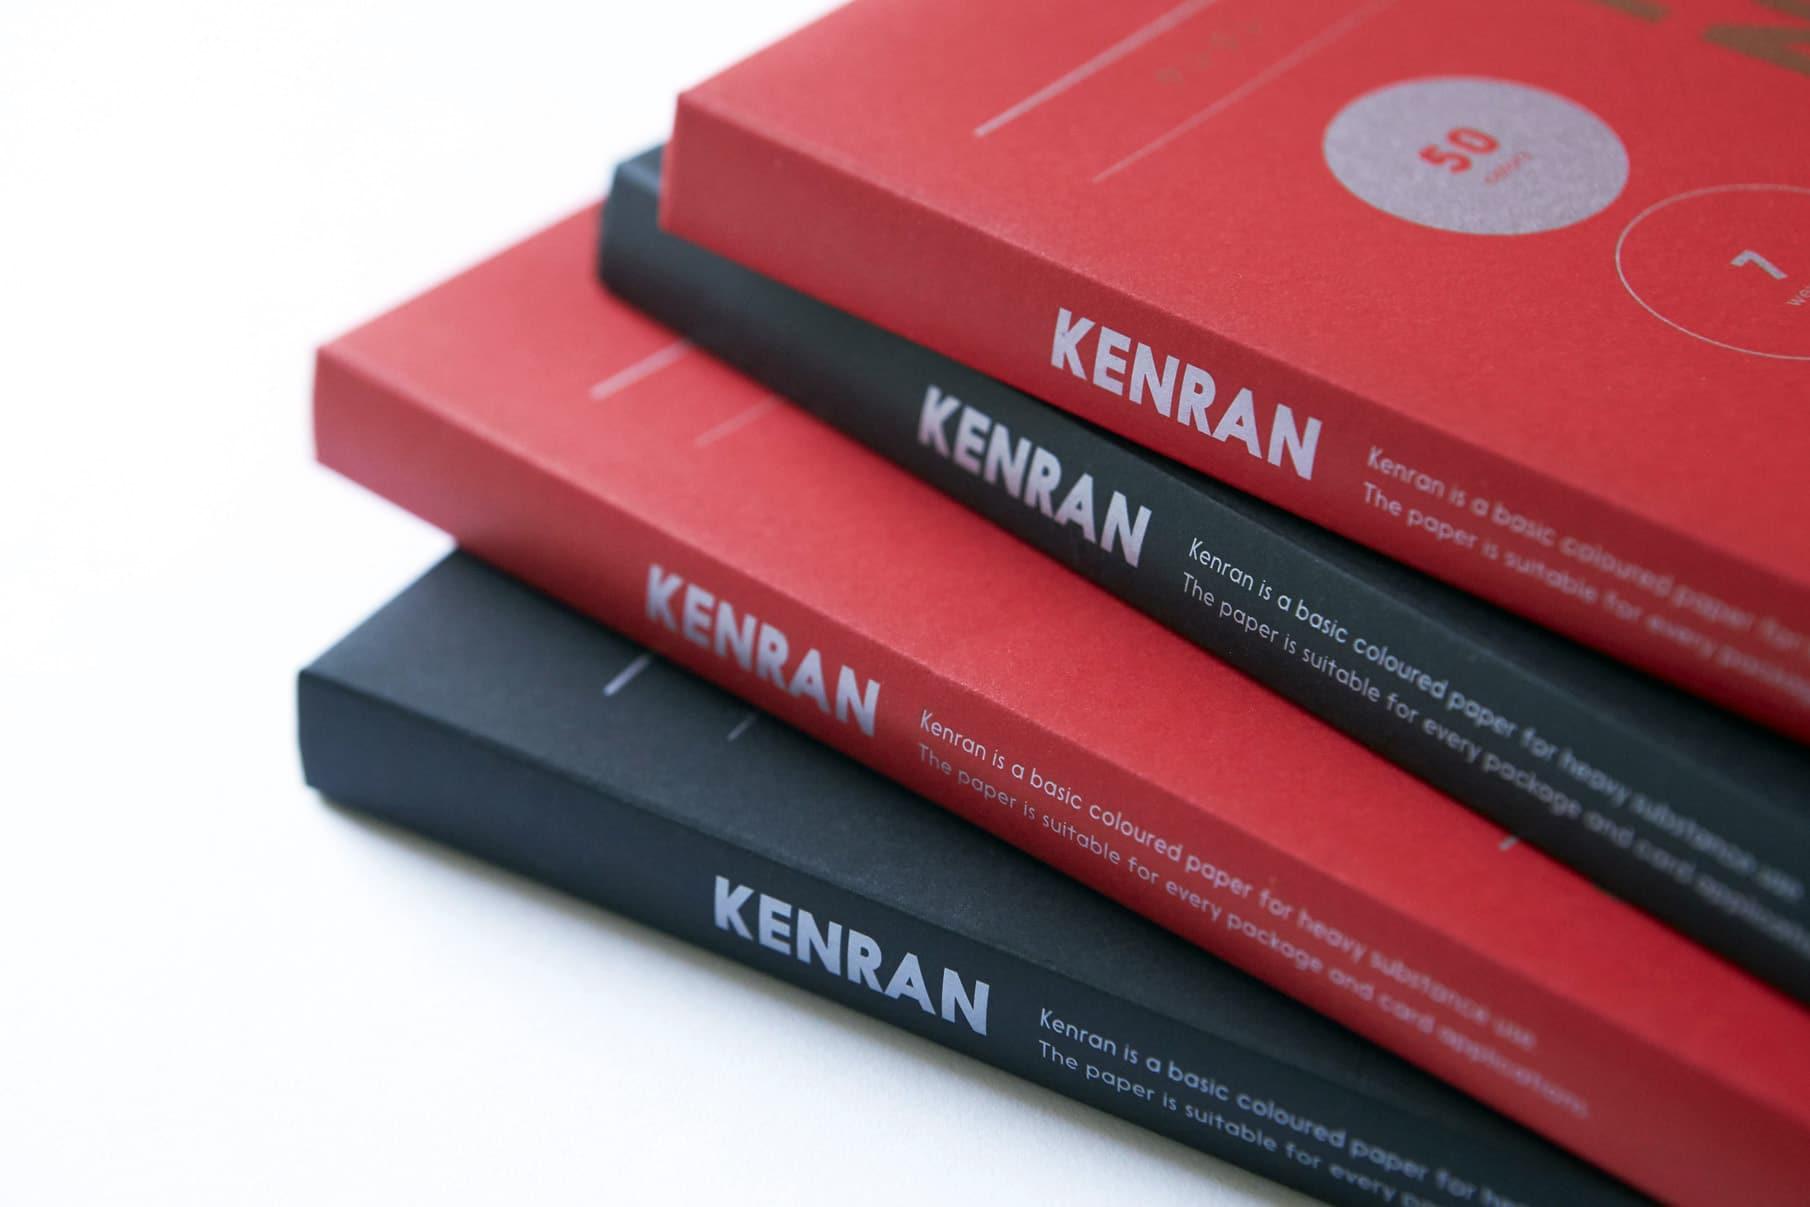 KENRAN - Promotion Book 2